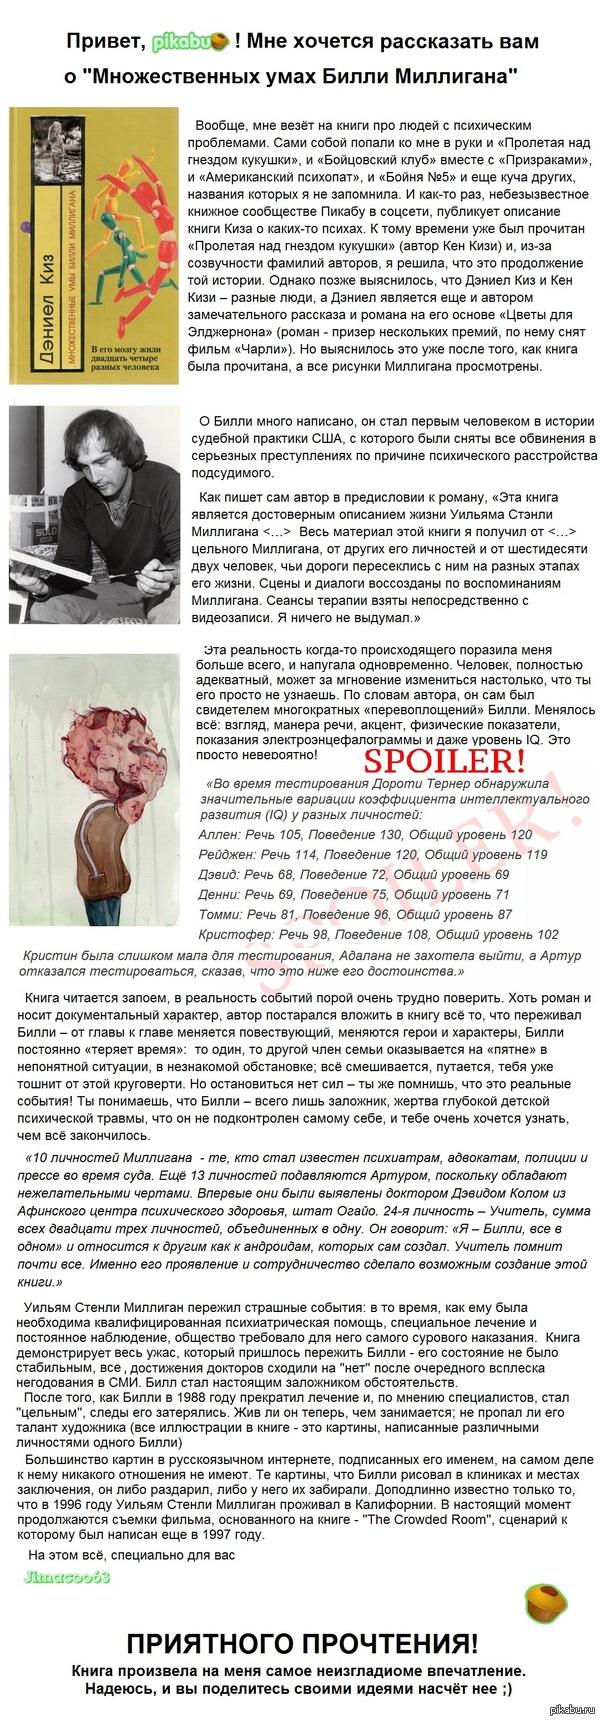 Множественные умы Билли Миллигана, 1981 Автор Дэниел Киз, на русский язык переведена в 2003 году.  Бонус в комментриях)